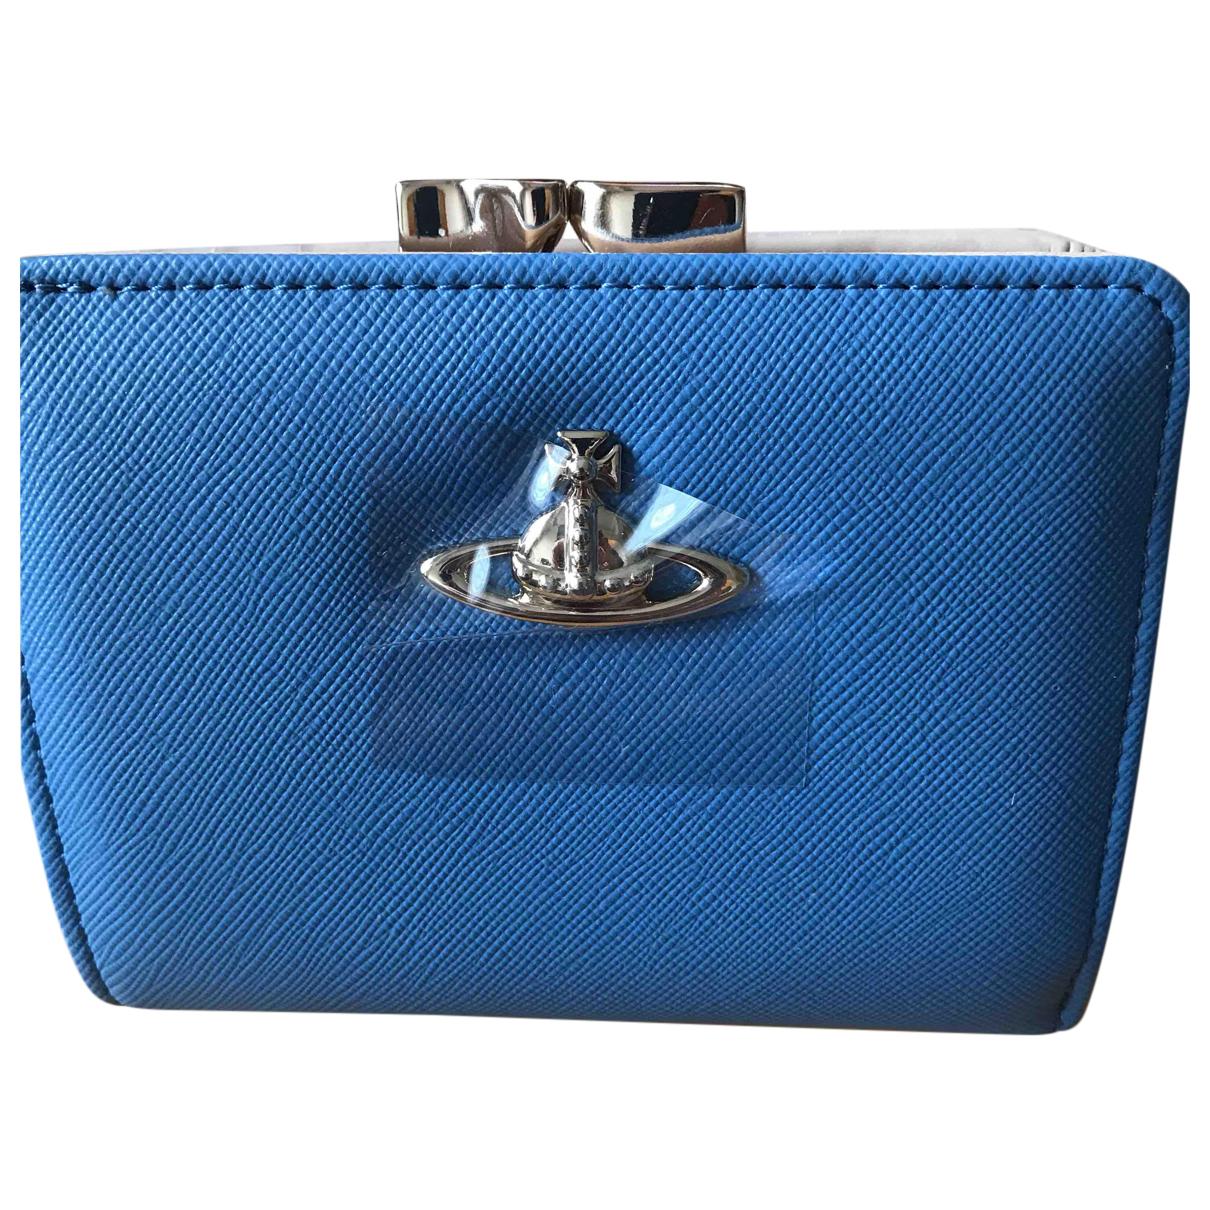 Vivienne Westwood N Blue Leather wallet for Women N